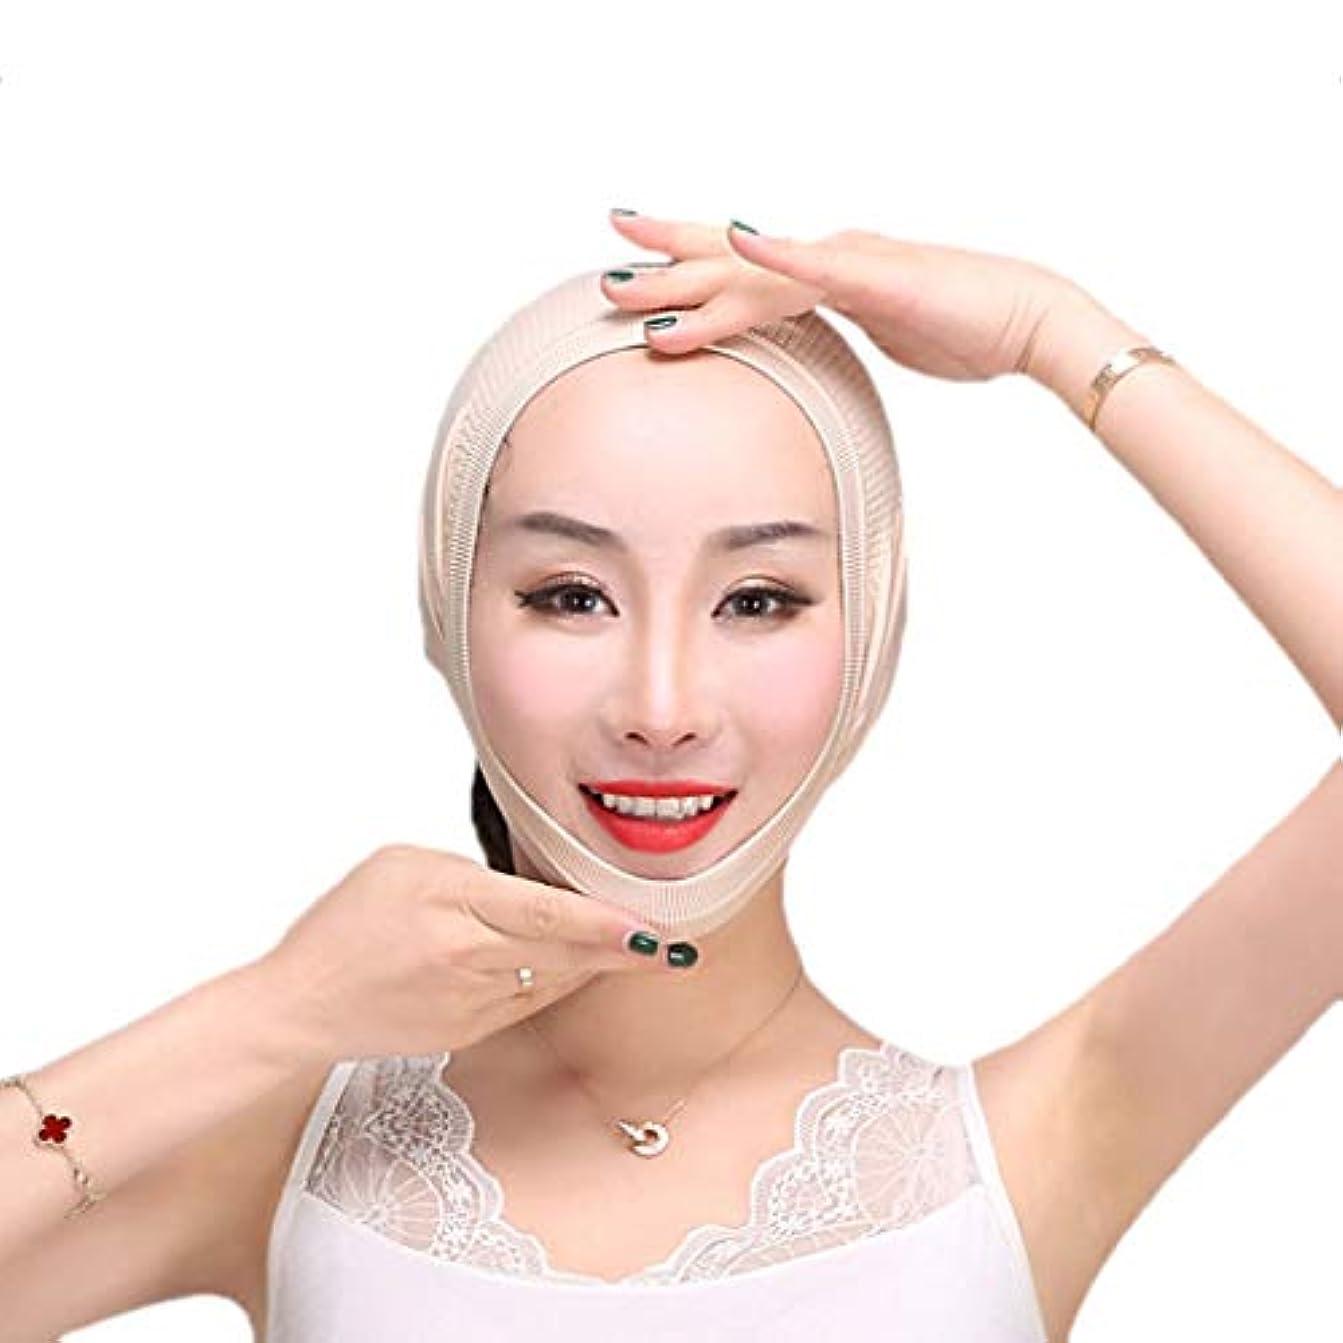 以内に効果メンターフェイスリフトマスク、フェイススリミングマスク、チンストラップ、フェイスマッサージ、フェイシャル減量マスク、チンリフティングベルト(ワンサイズ)